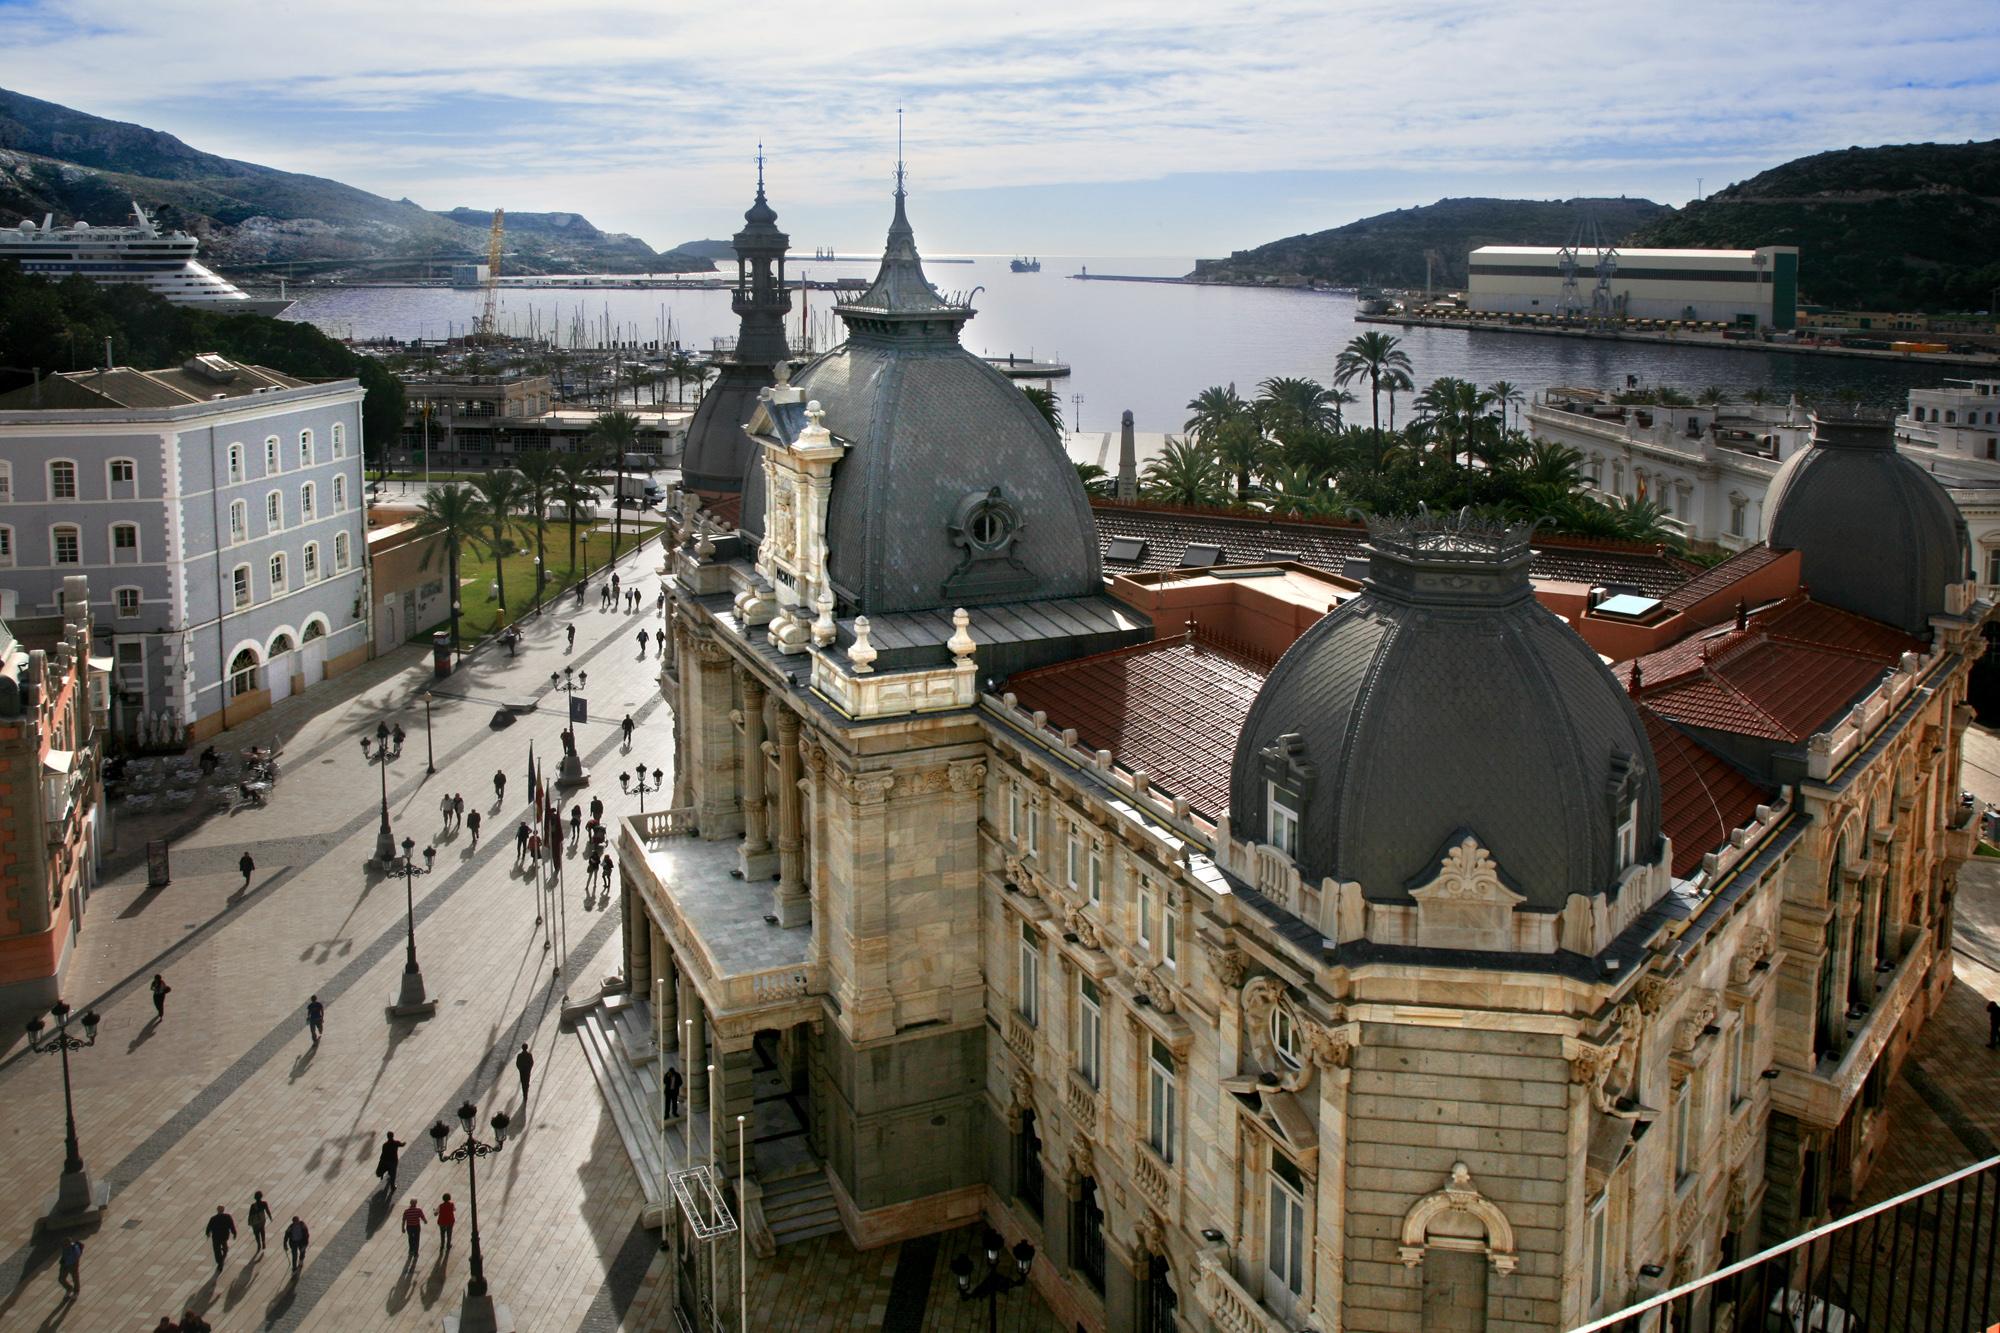 Ayuntamiento-de-Cartagena.-Foto-Javier-Lorente-Ortega.-Cartagena-Puerto-de-Culturas1